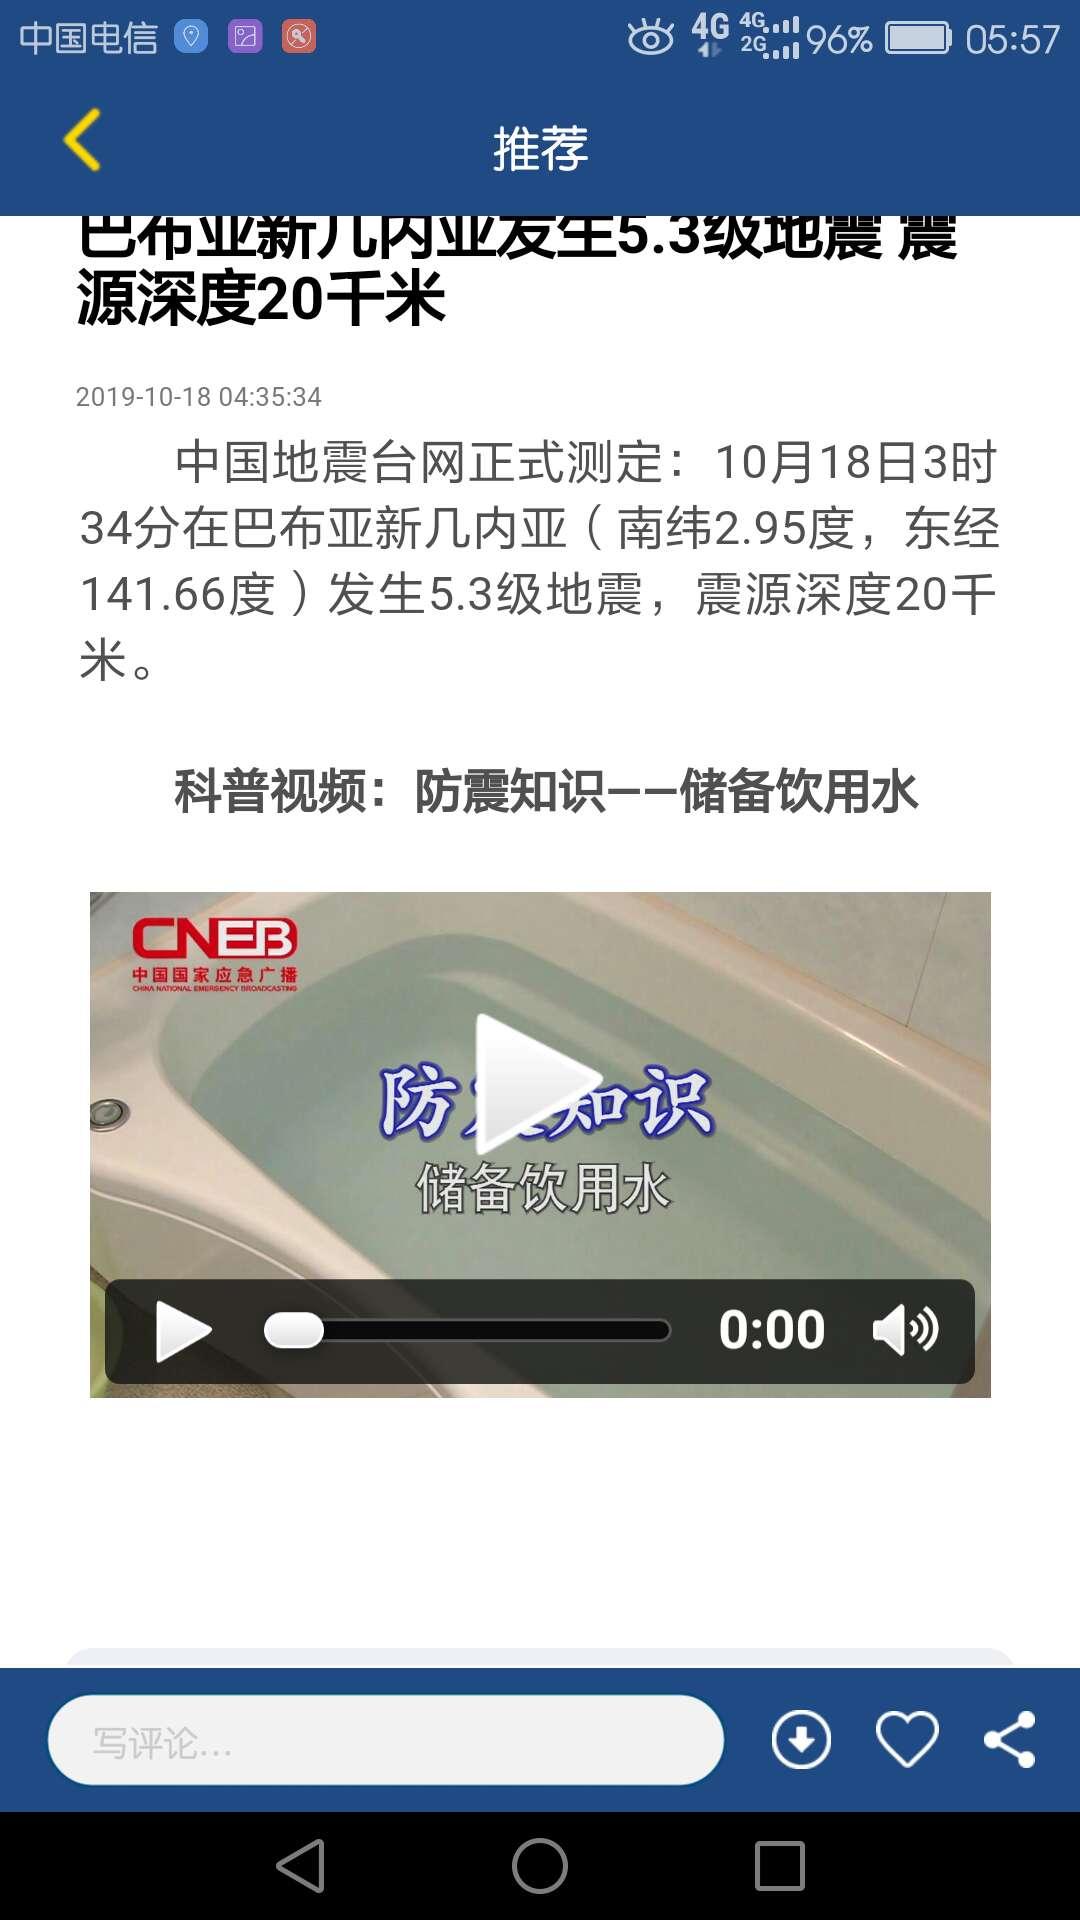 国家应急广播v3.2.2-第一时间收到应急新闻-聚合资源网